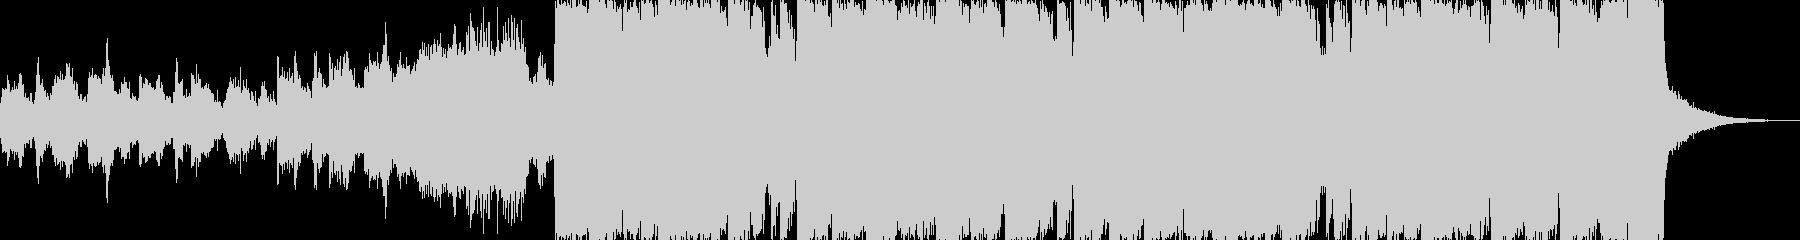 ピチカートドラムンベースエレクトロdの未再生の波形